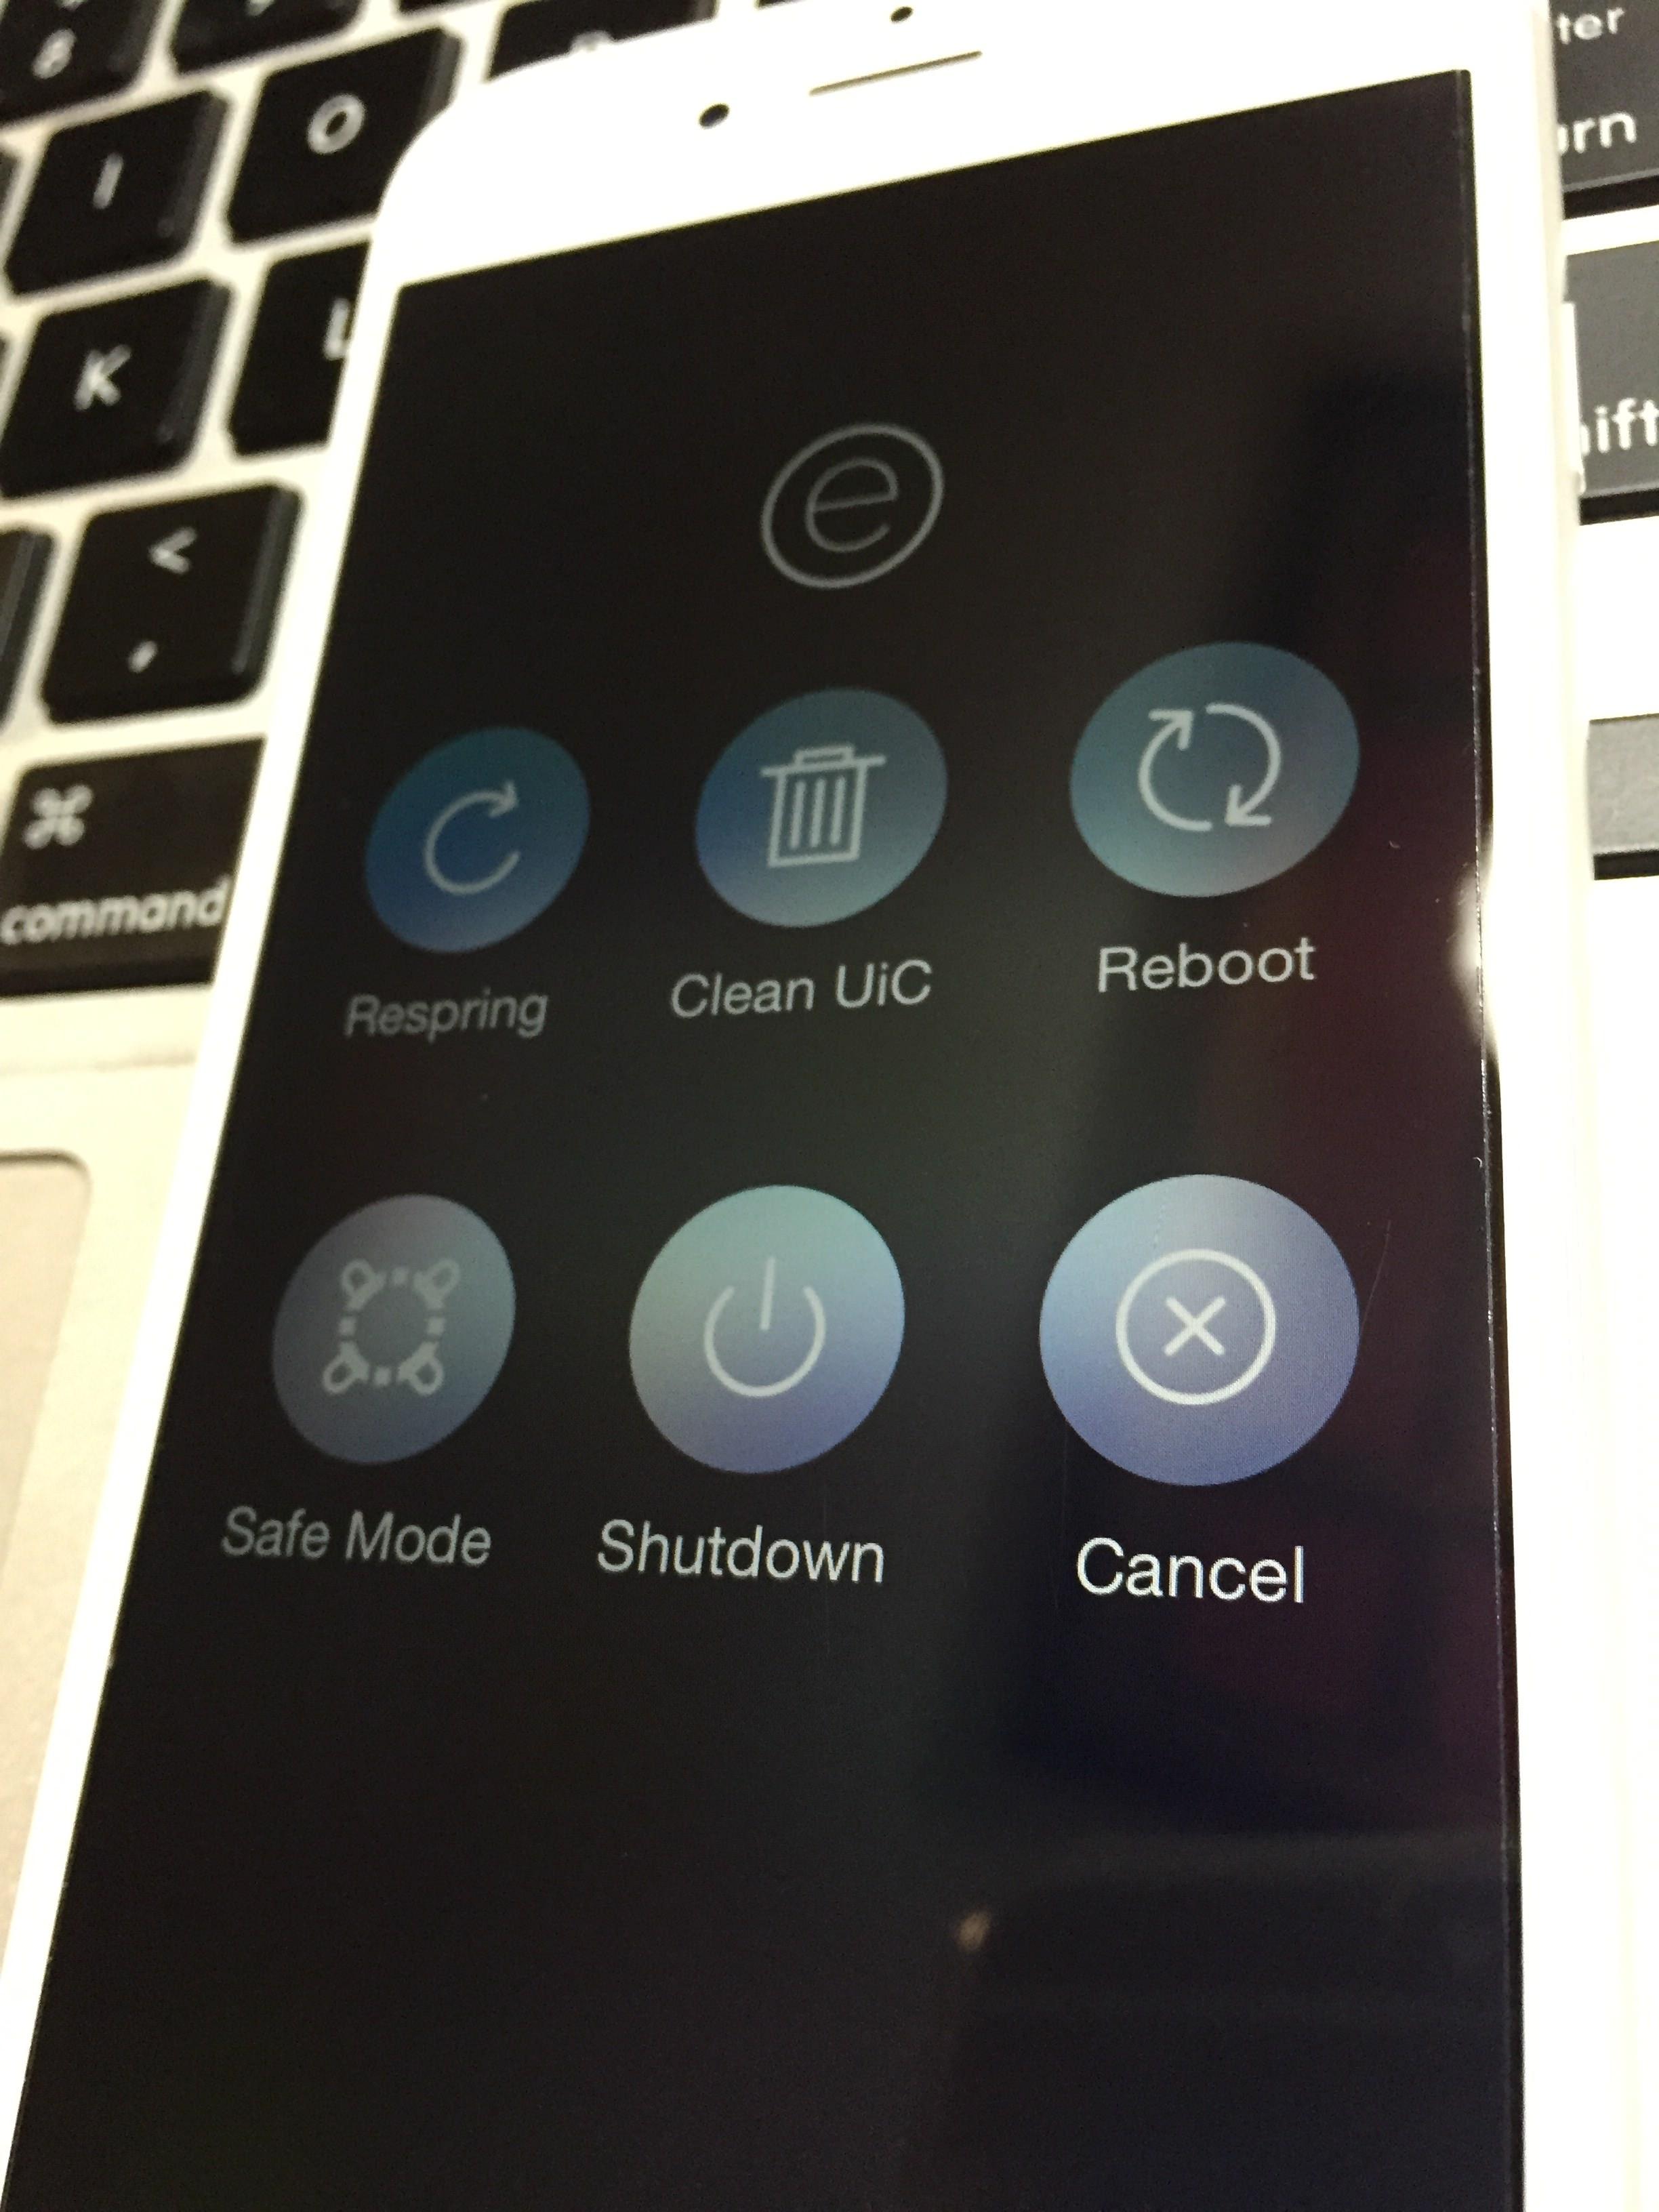 [iPhone6iOS8.1.2]使って快適になる脱獄(Jailbreak)アプリ、使わなくなってしまったアプリ